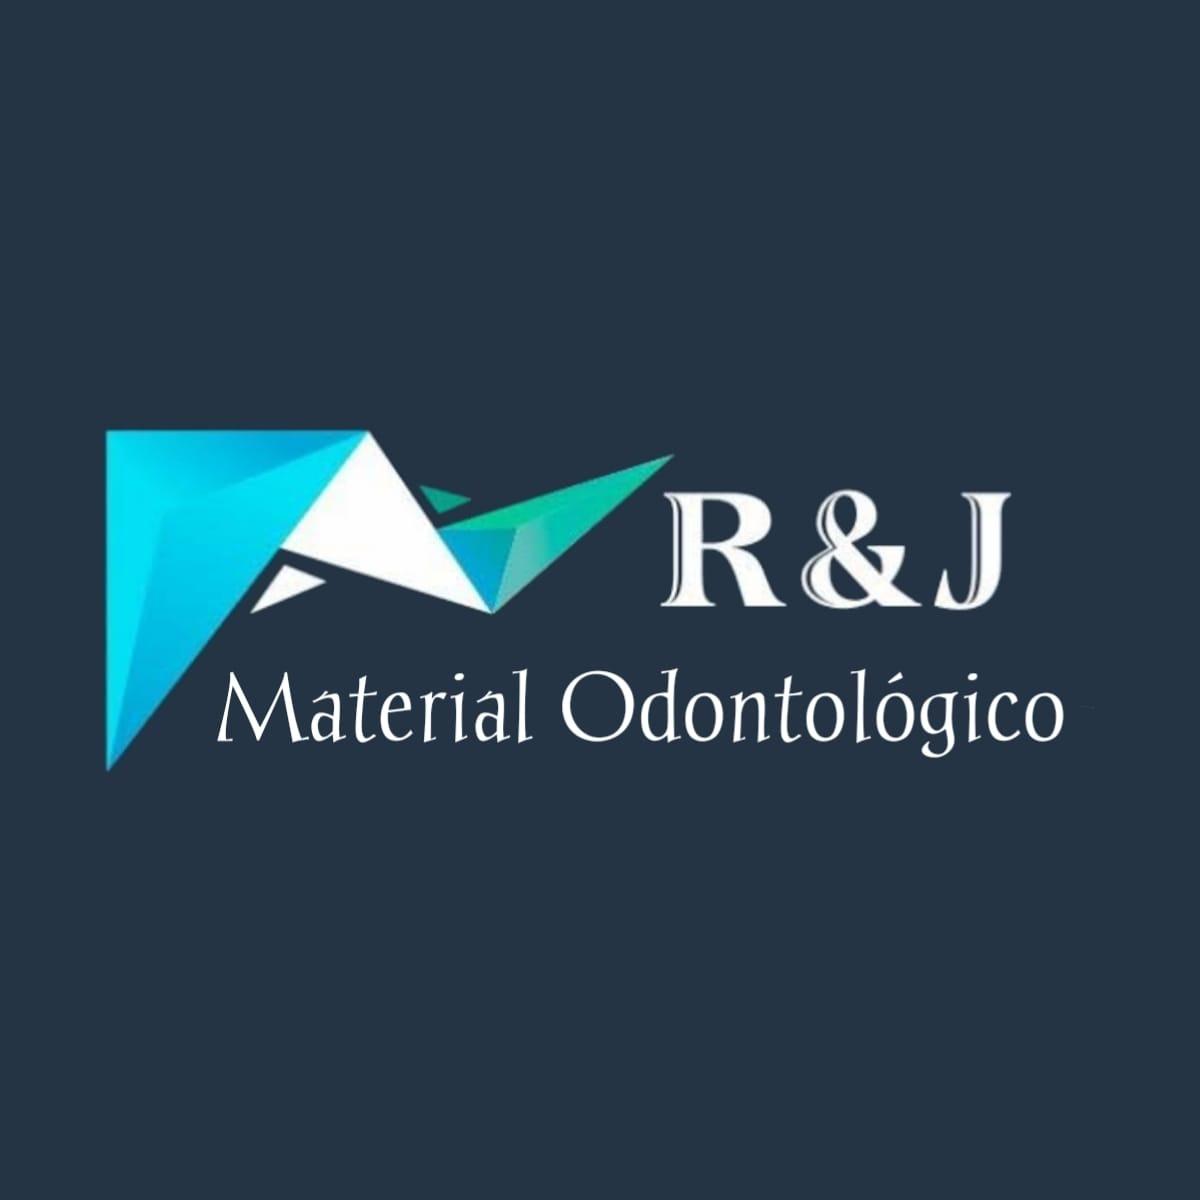 REJ.MATERIAL ODONTOLÓGICO